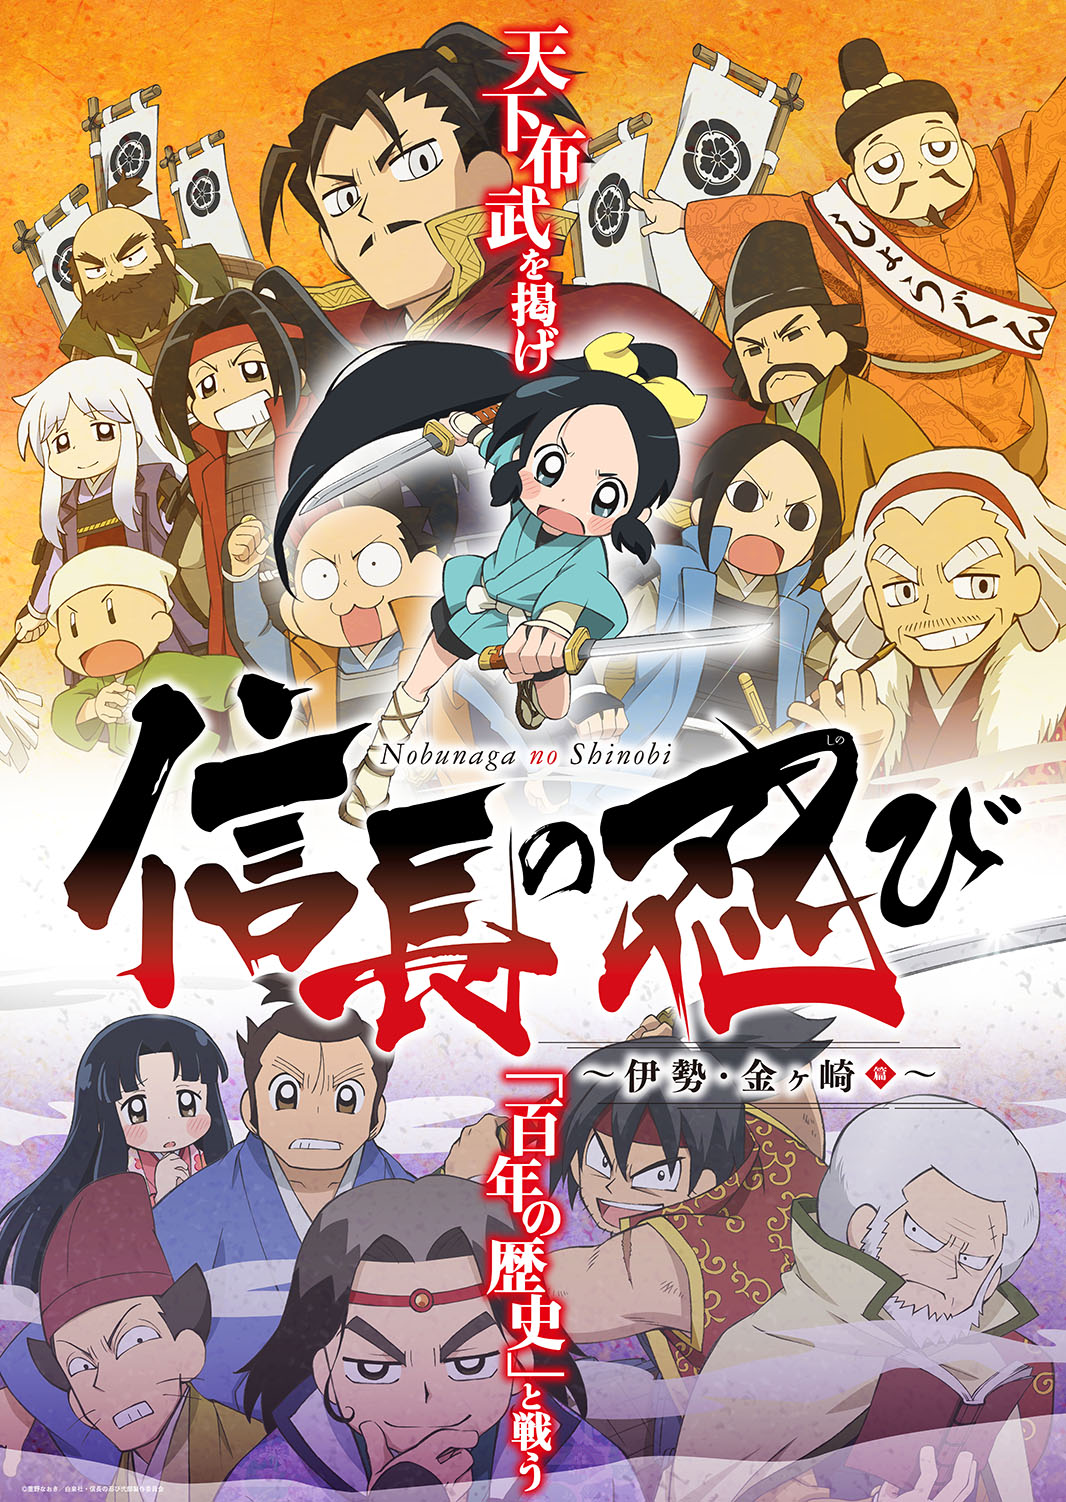 Nobunaga_main.jpg